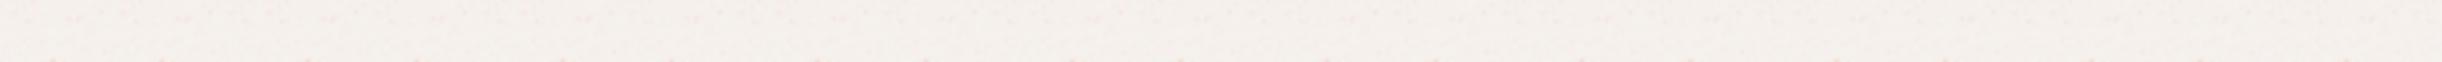 スクリーンショット 2020-02-13 21.18.59のコピー.png